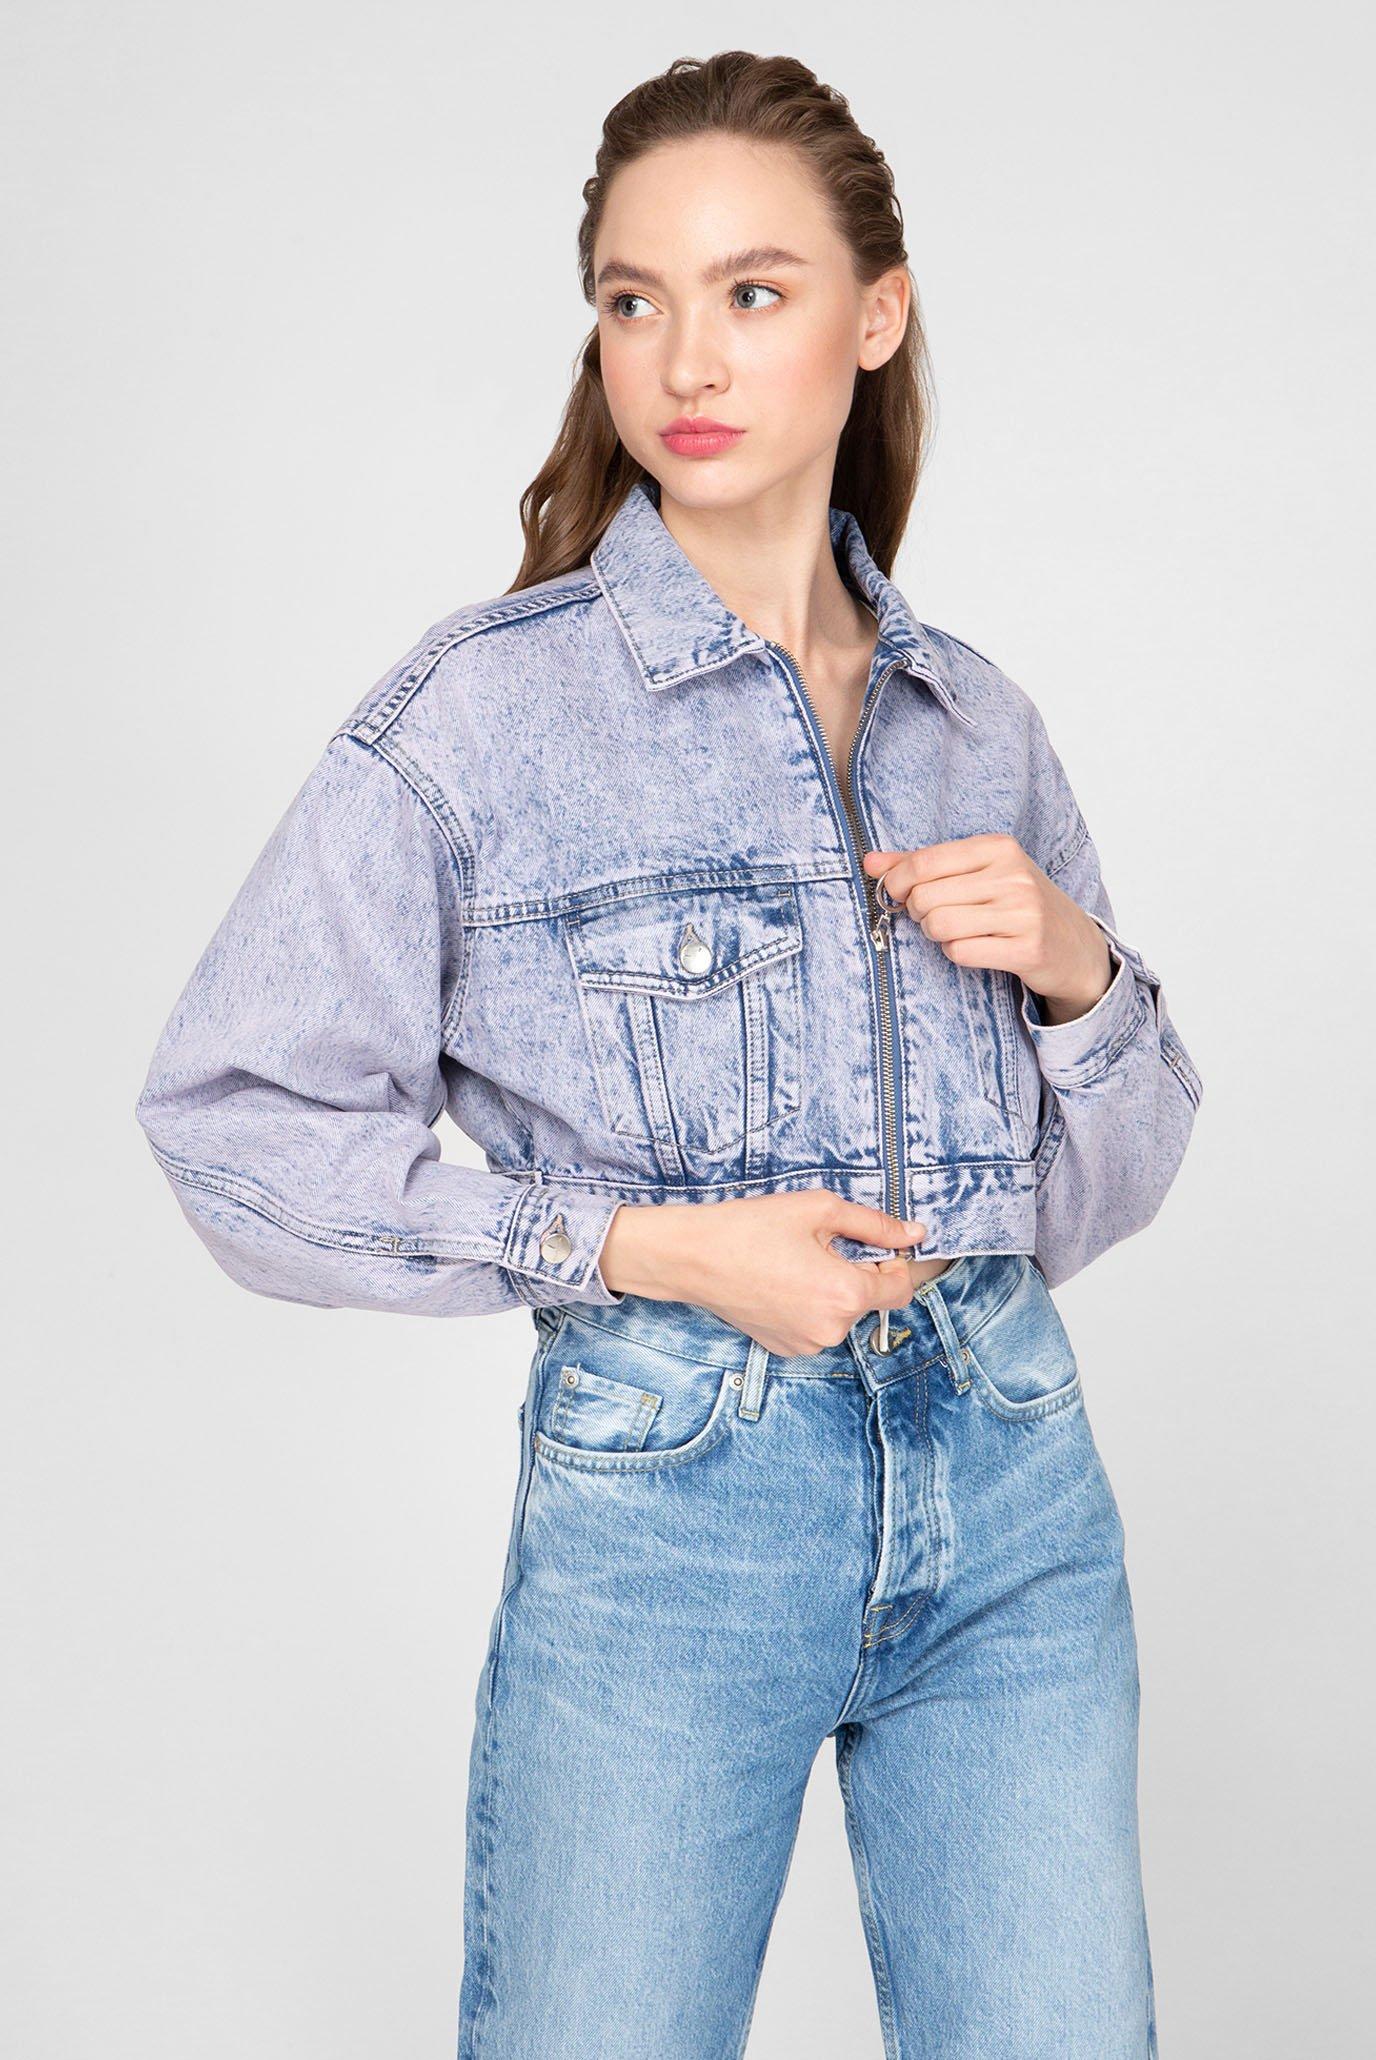 Женская фиолетовая джинсовая куртка ROGUE ACID Dua Lipa x Pepe Jeans 1